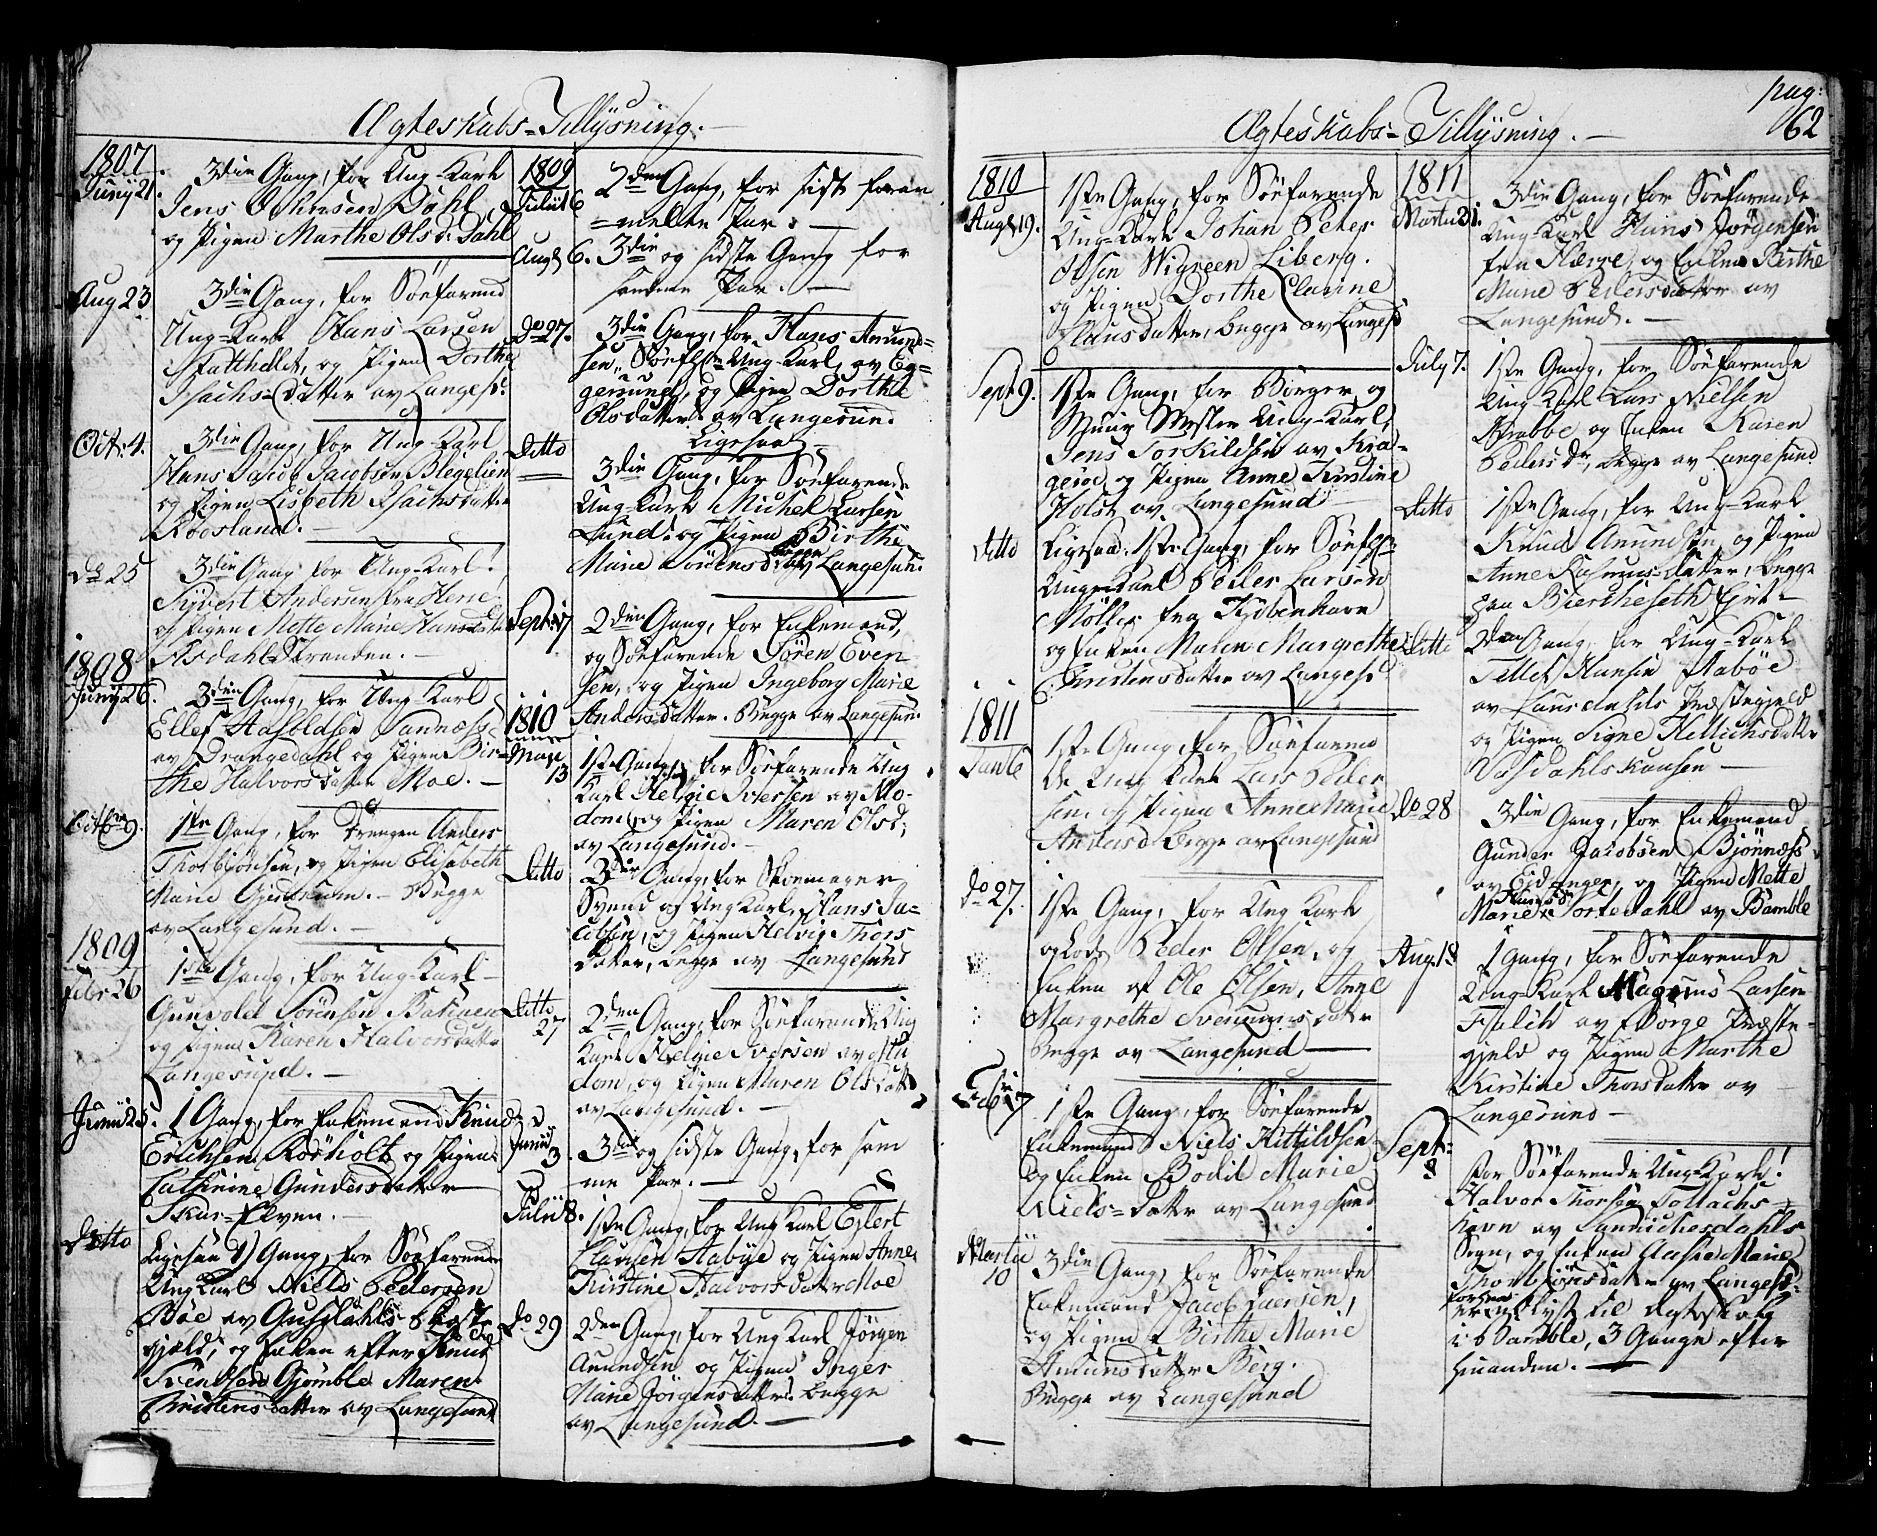 SAKO, Langesund kirkebøker, G/Ga/L0002: Klokkerbok nr. 2, 1801-1815, s. 62